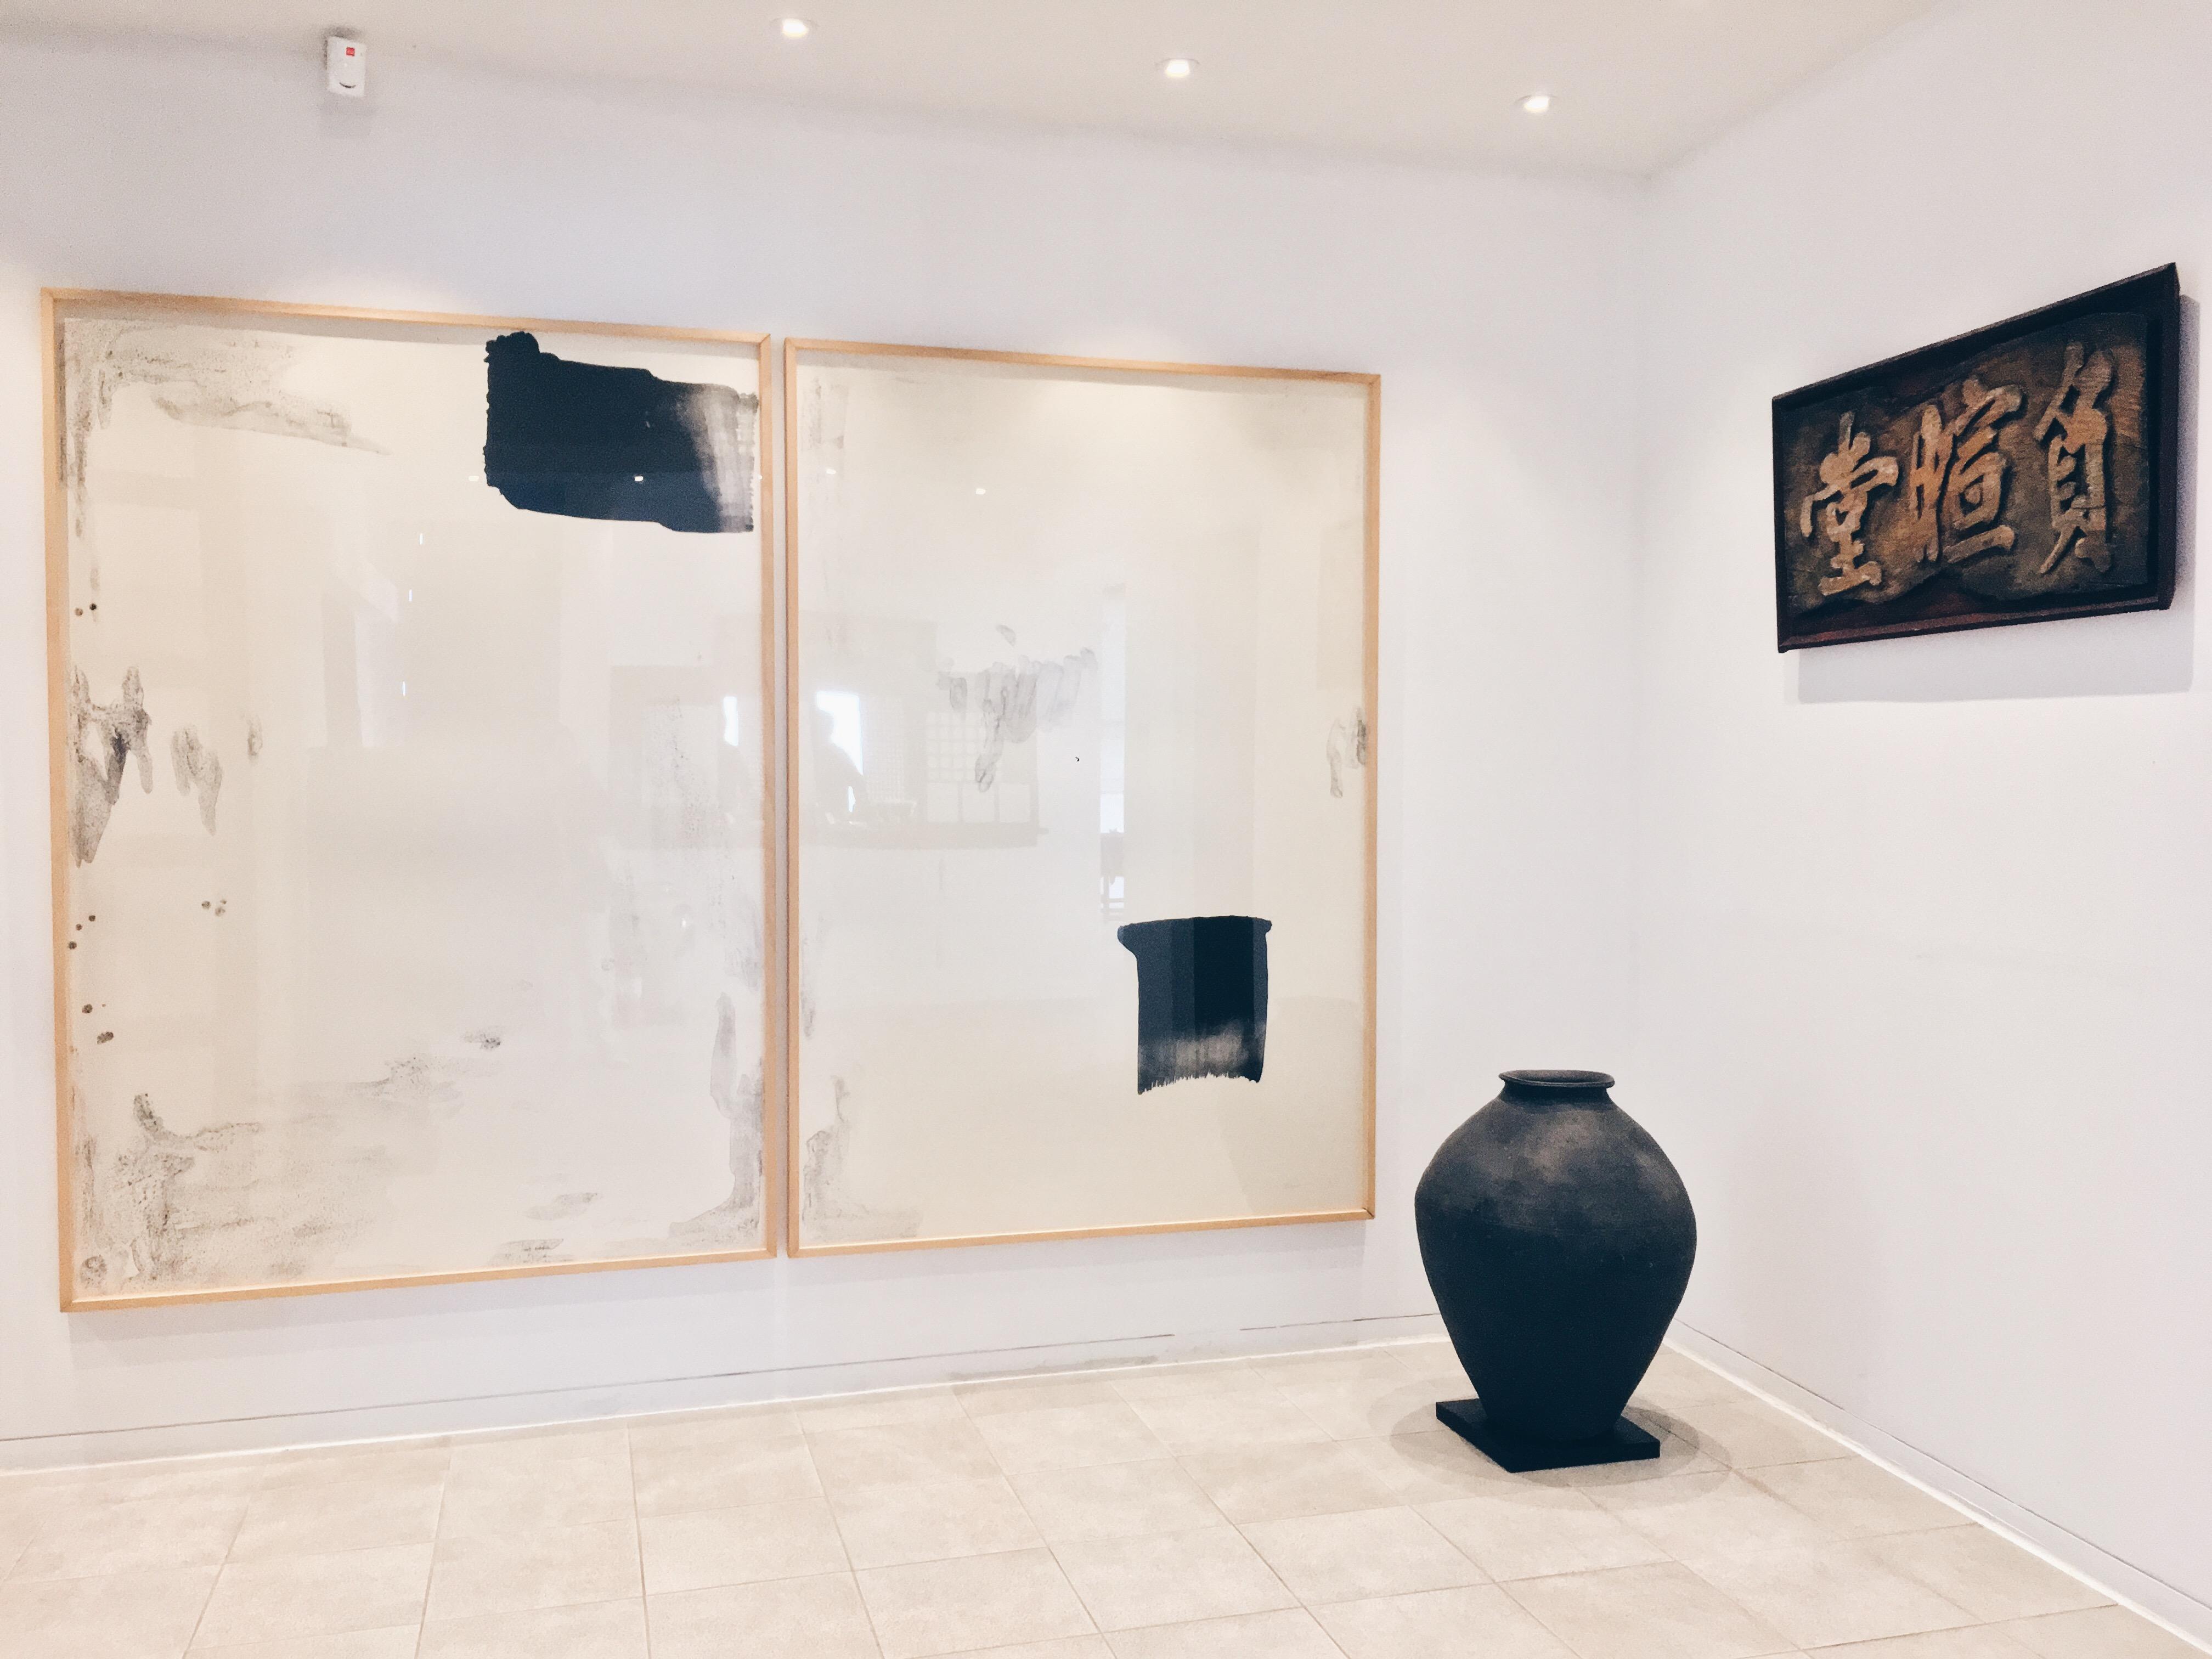 Various artworks on display